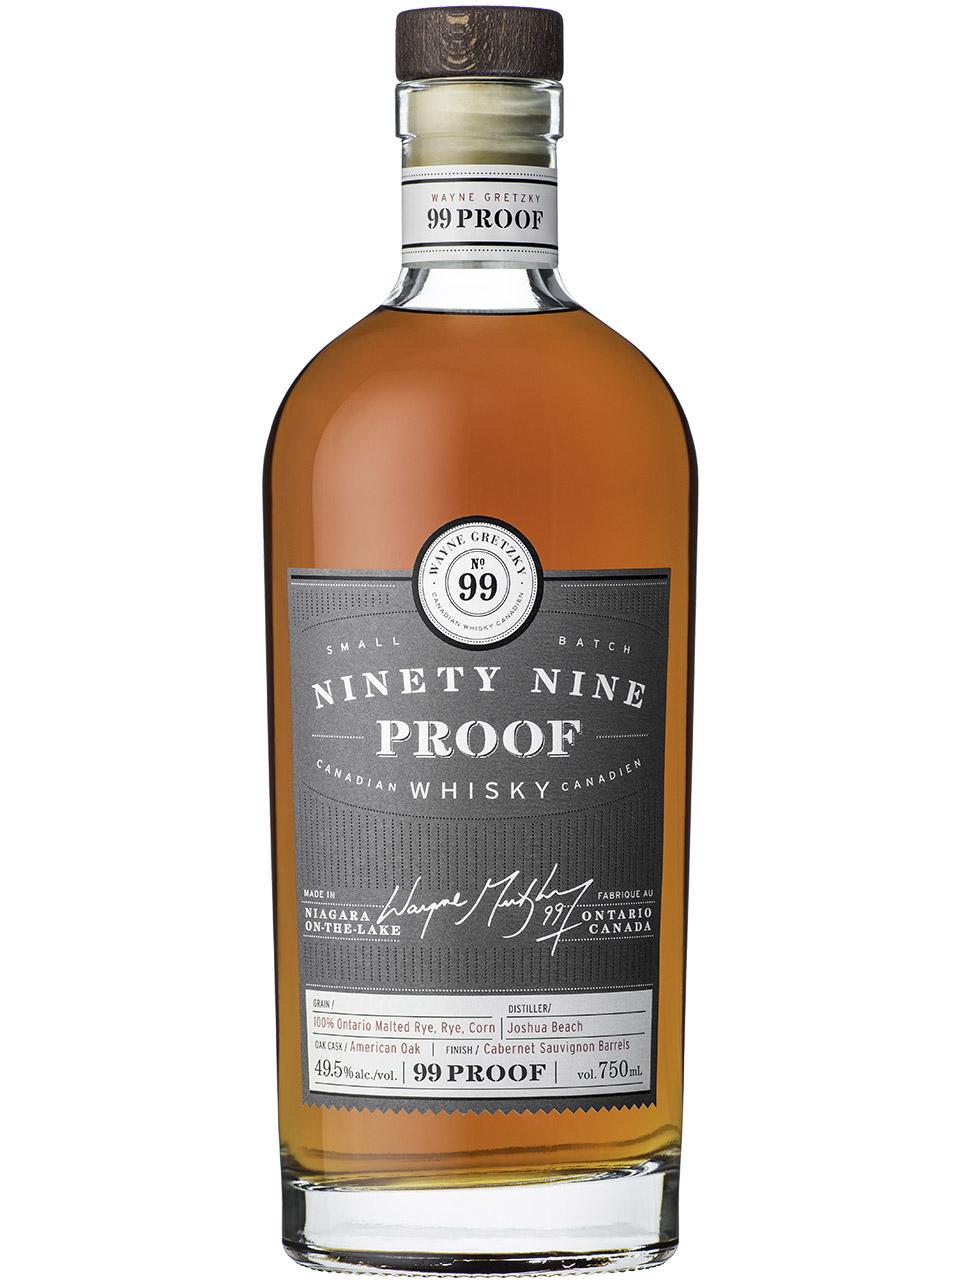 Wayne Gretzky Ninety Nine Proof Whisky